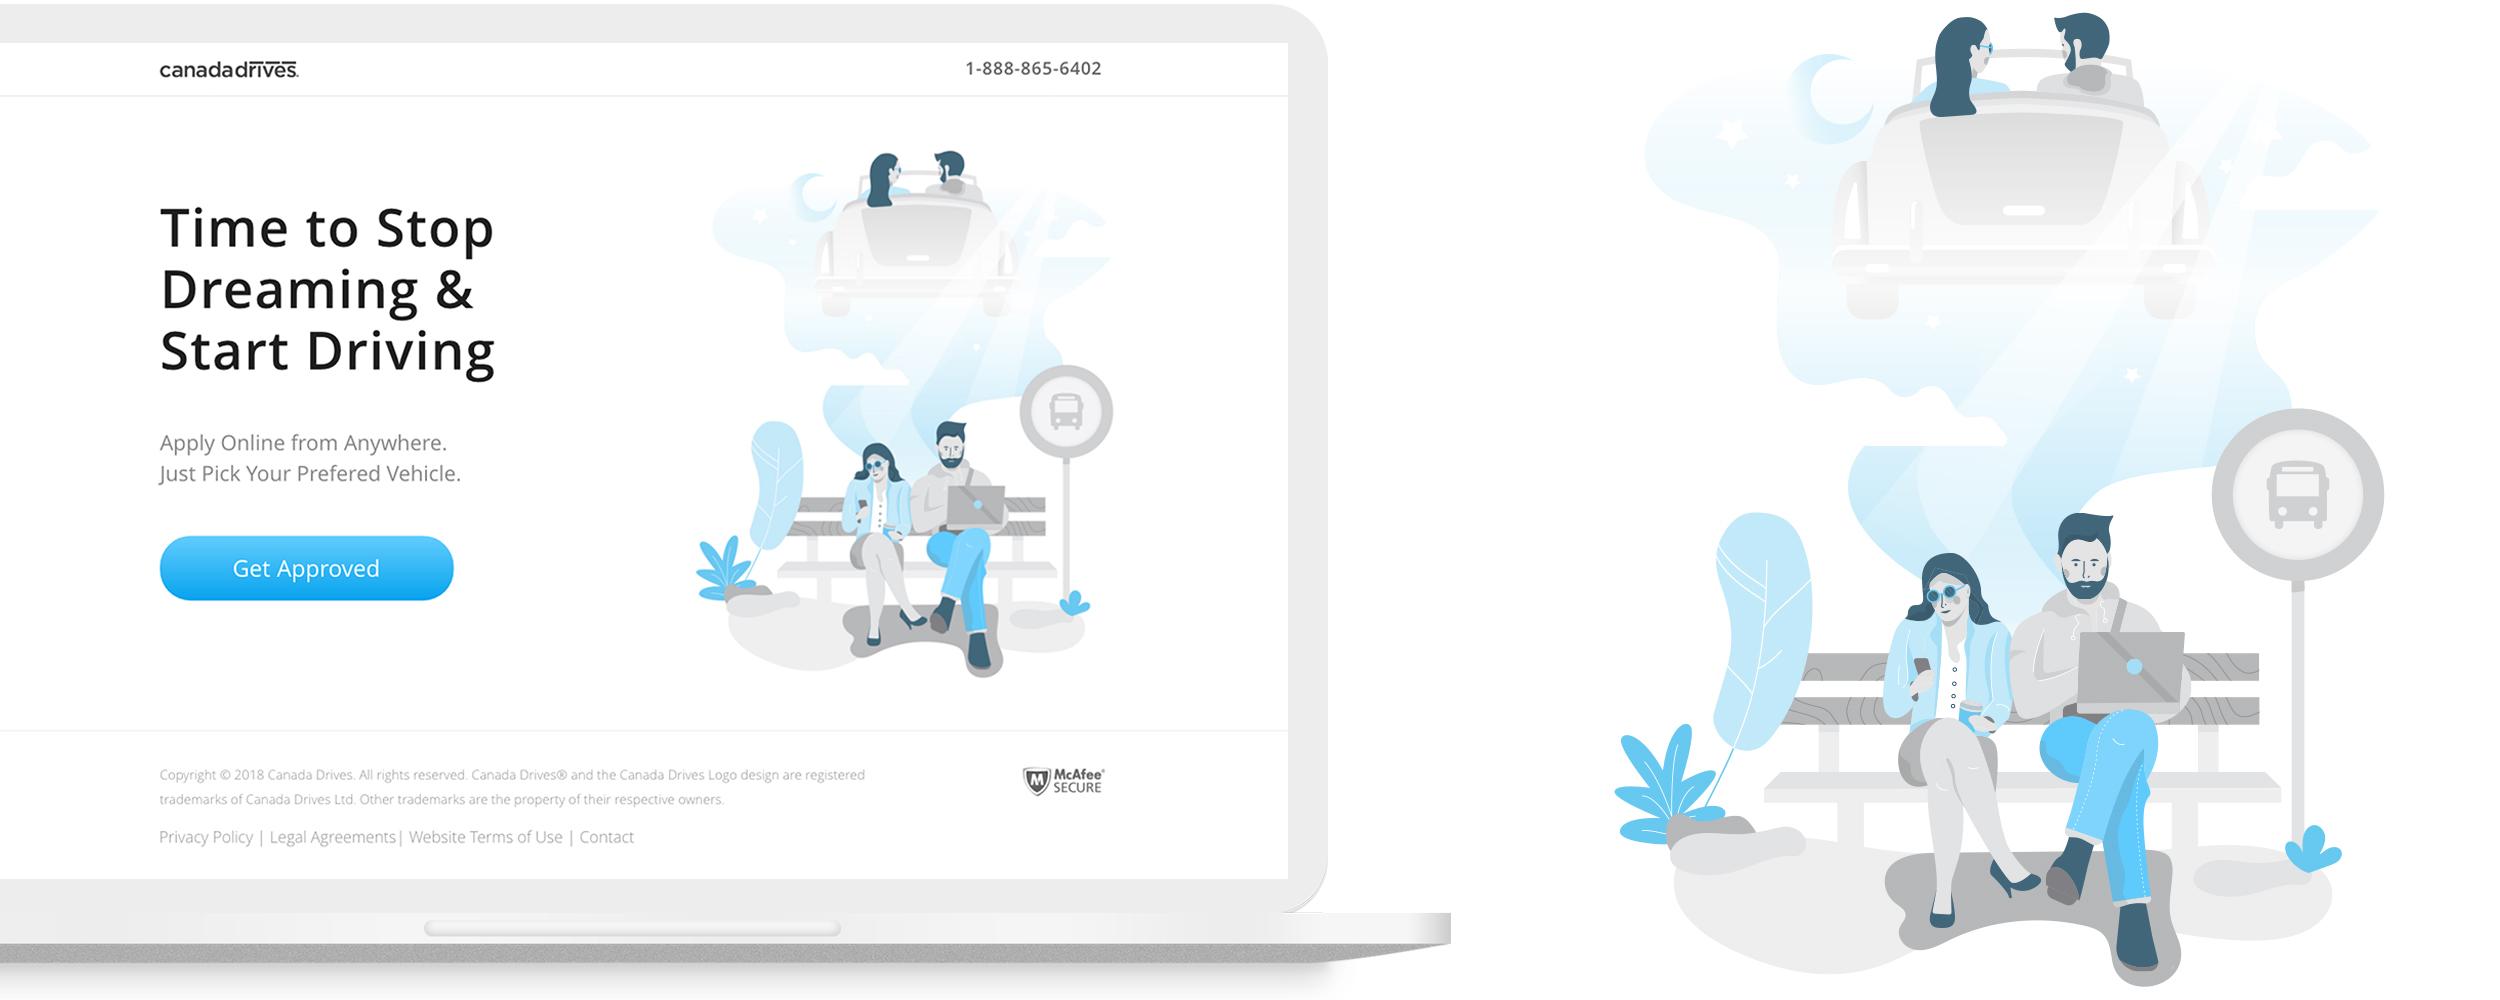 Illustration for website landing page